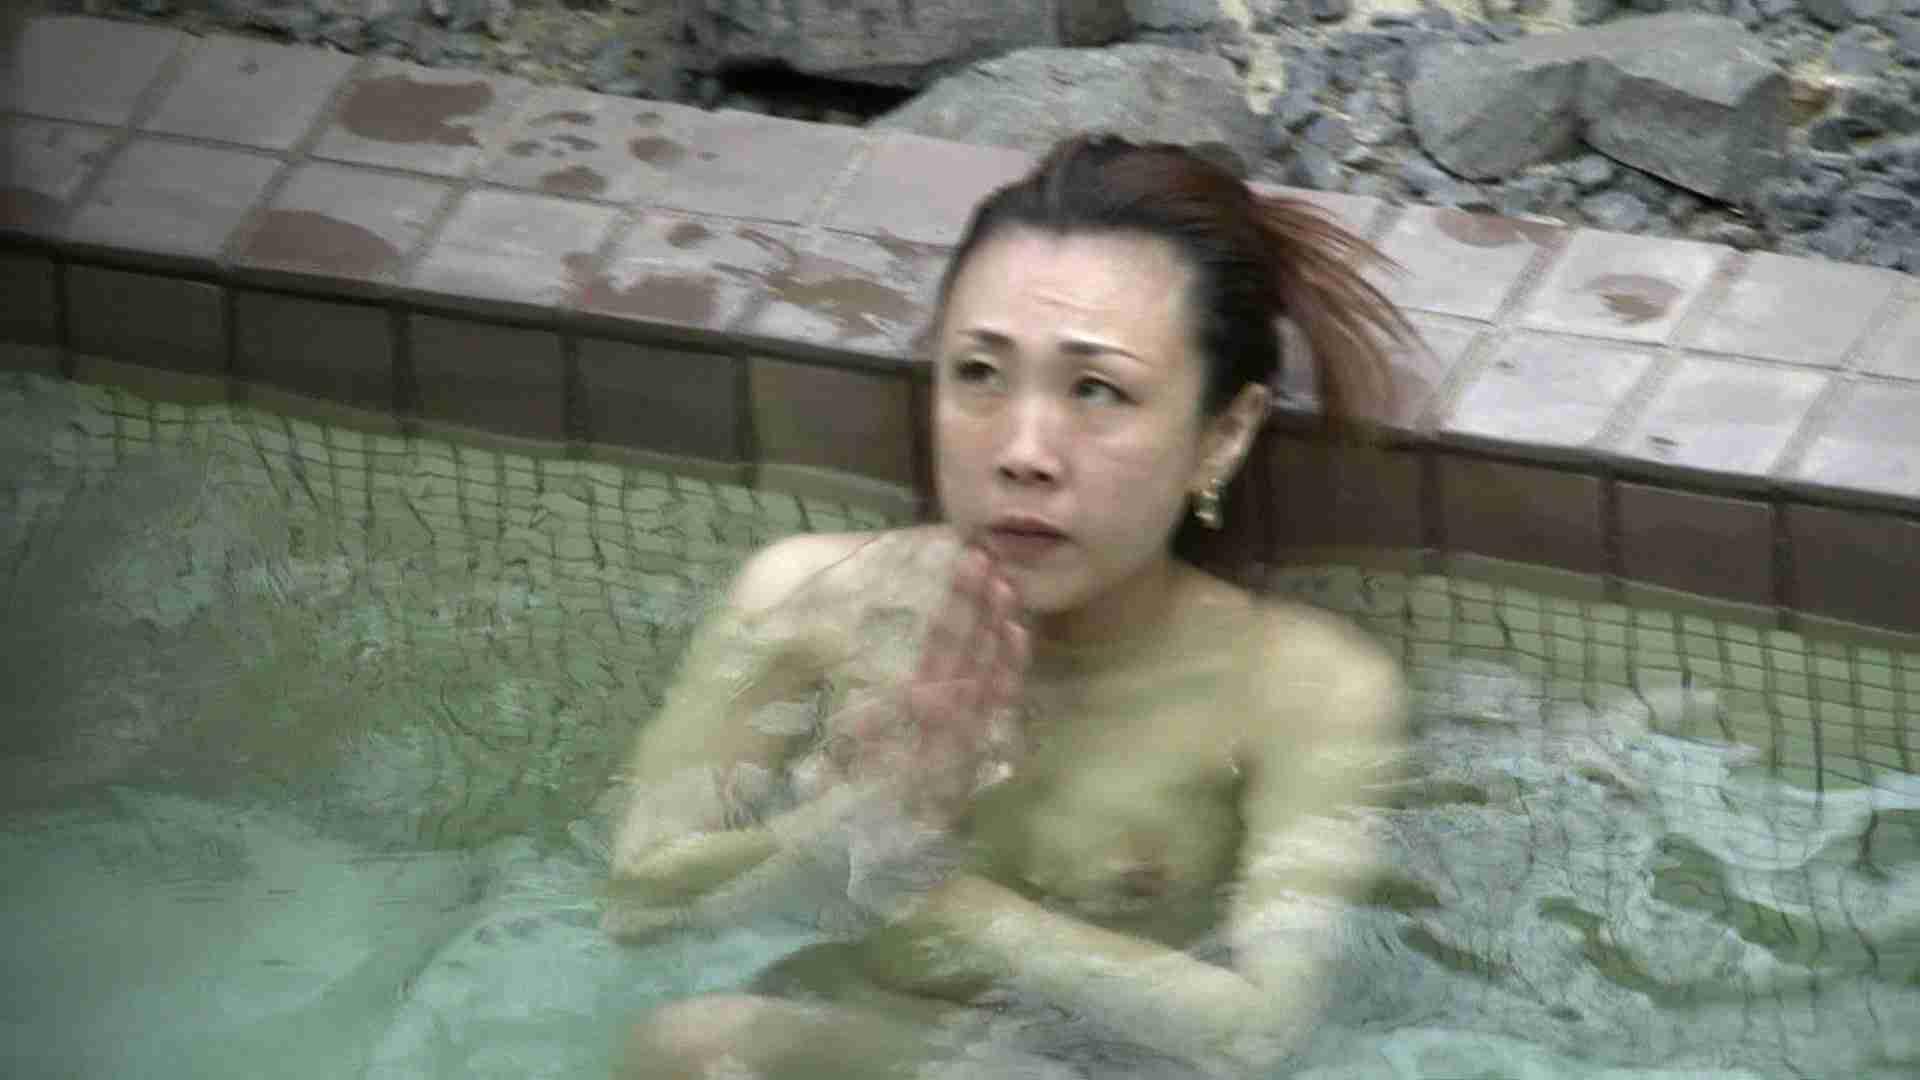 Aquaな露天風呂Vol.654 女体盗撮  87連発 51